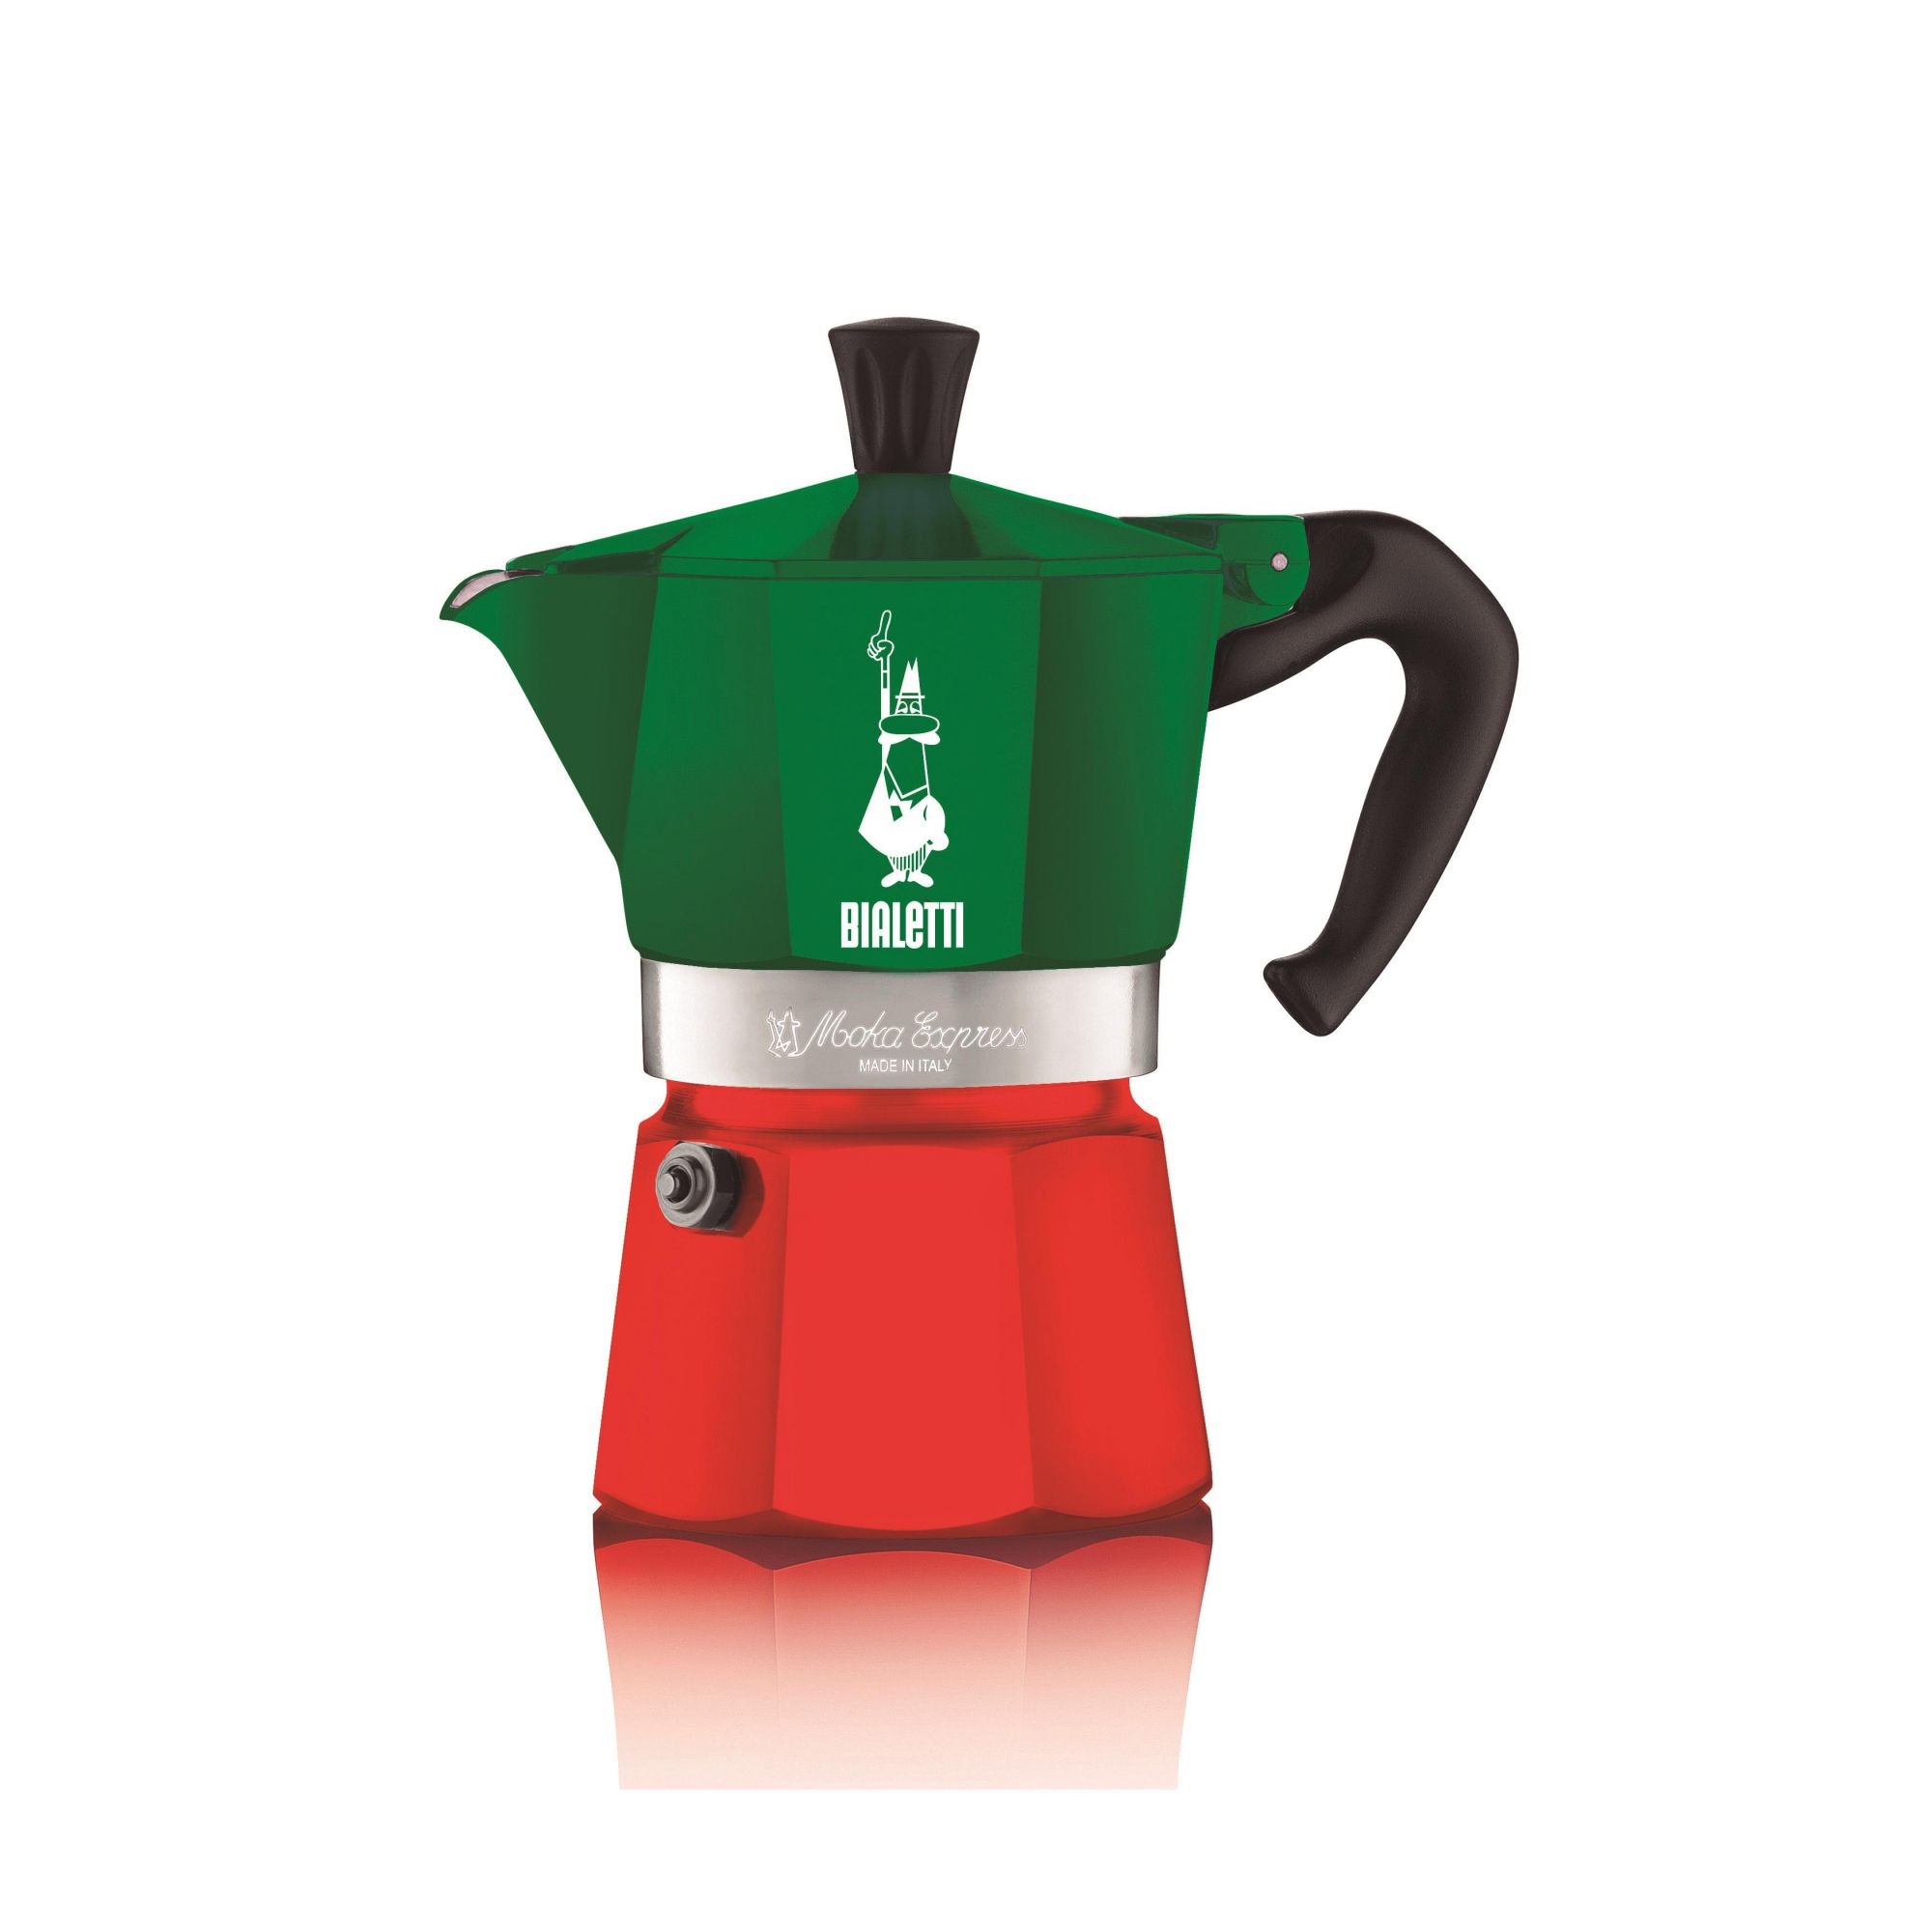 Cafeteira Moka Bialetti Verde e Vermelha Express Itália 3 Xic